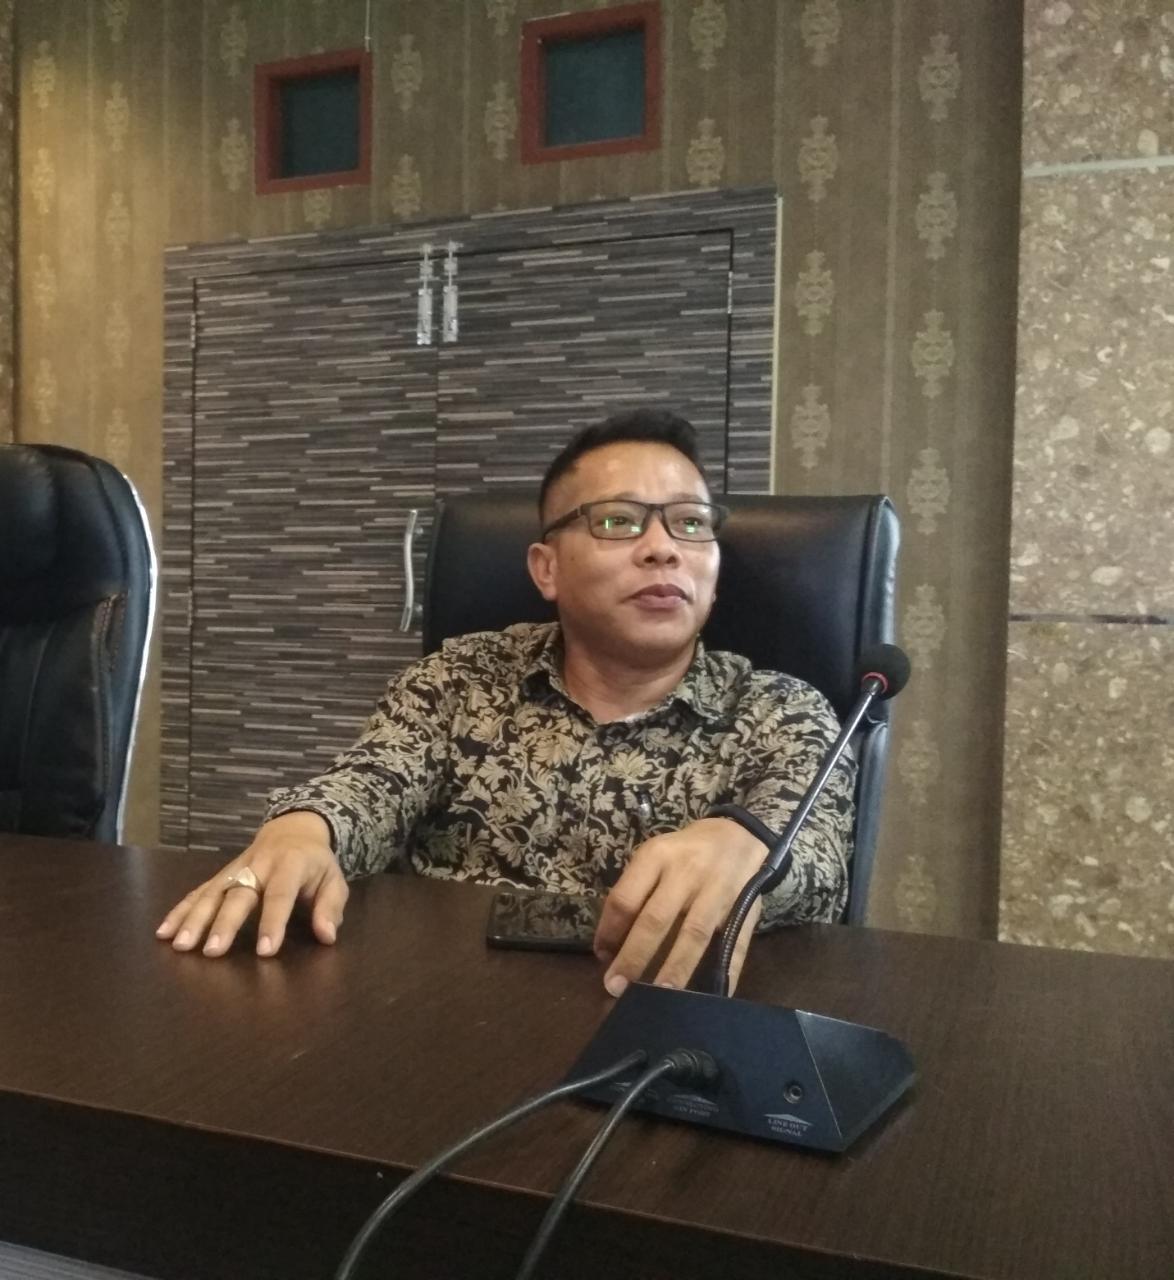 Diisukan Marah-marah di Pelabuhan, Ini Kata Anggota DPRD Meranti Boby Hariyadi